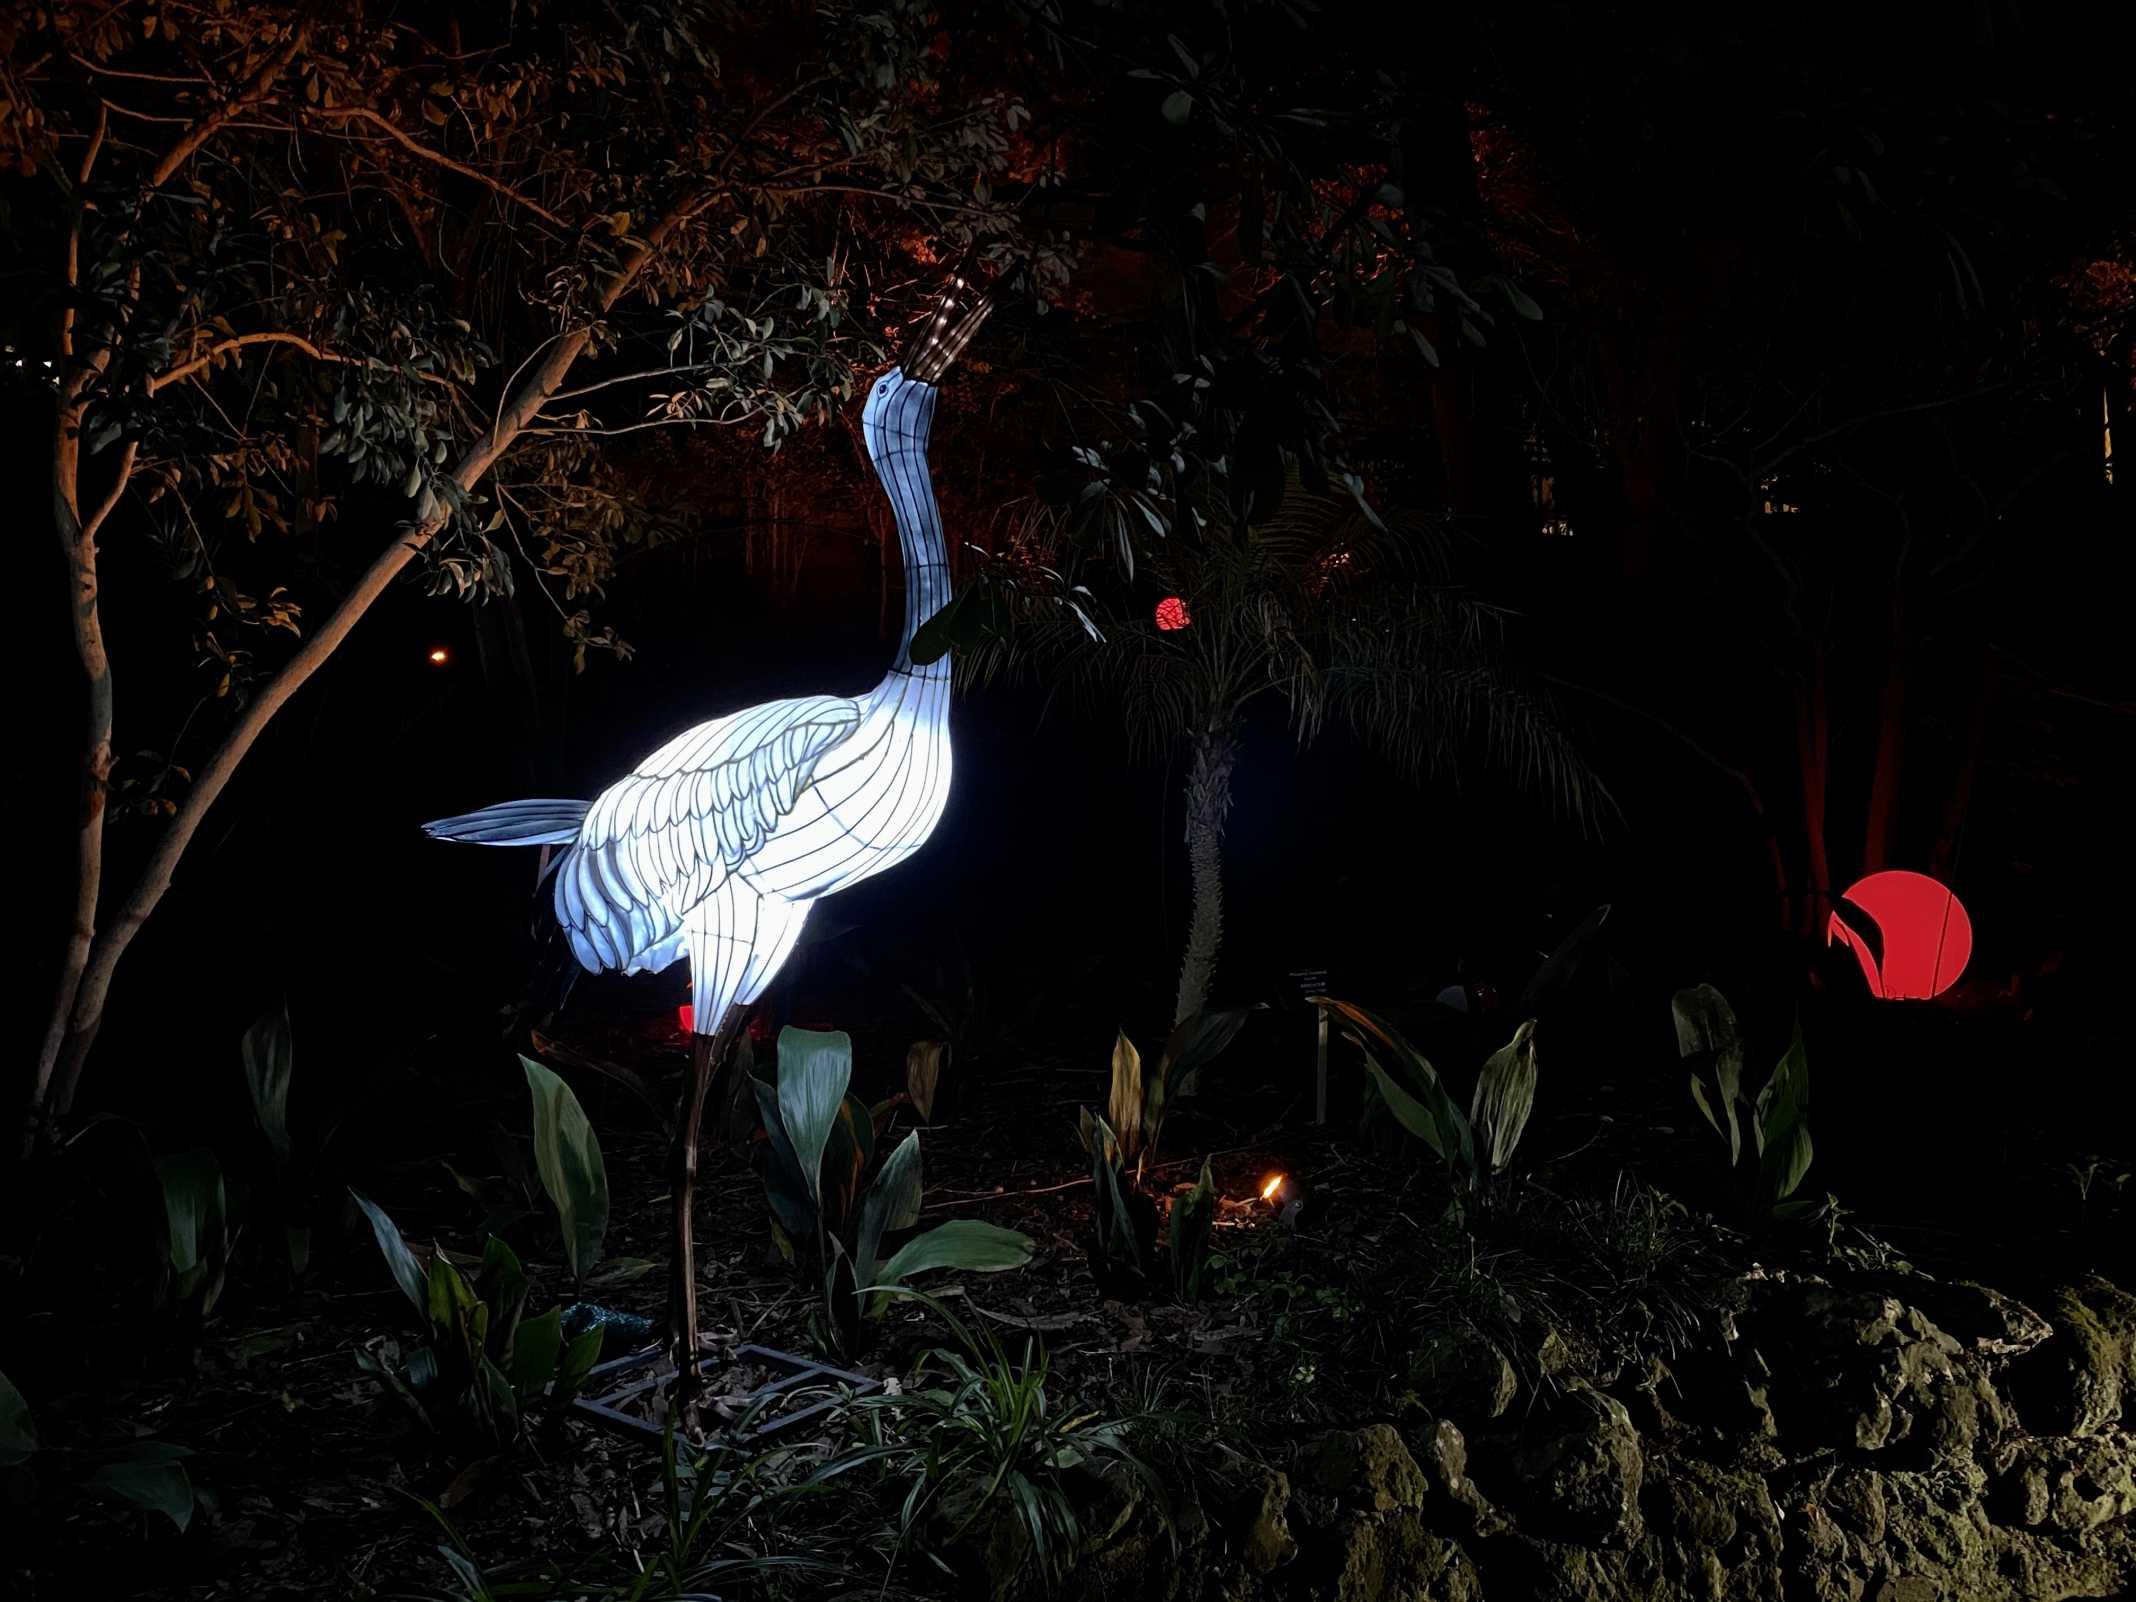 jardim luzes magical garden